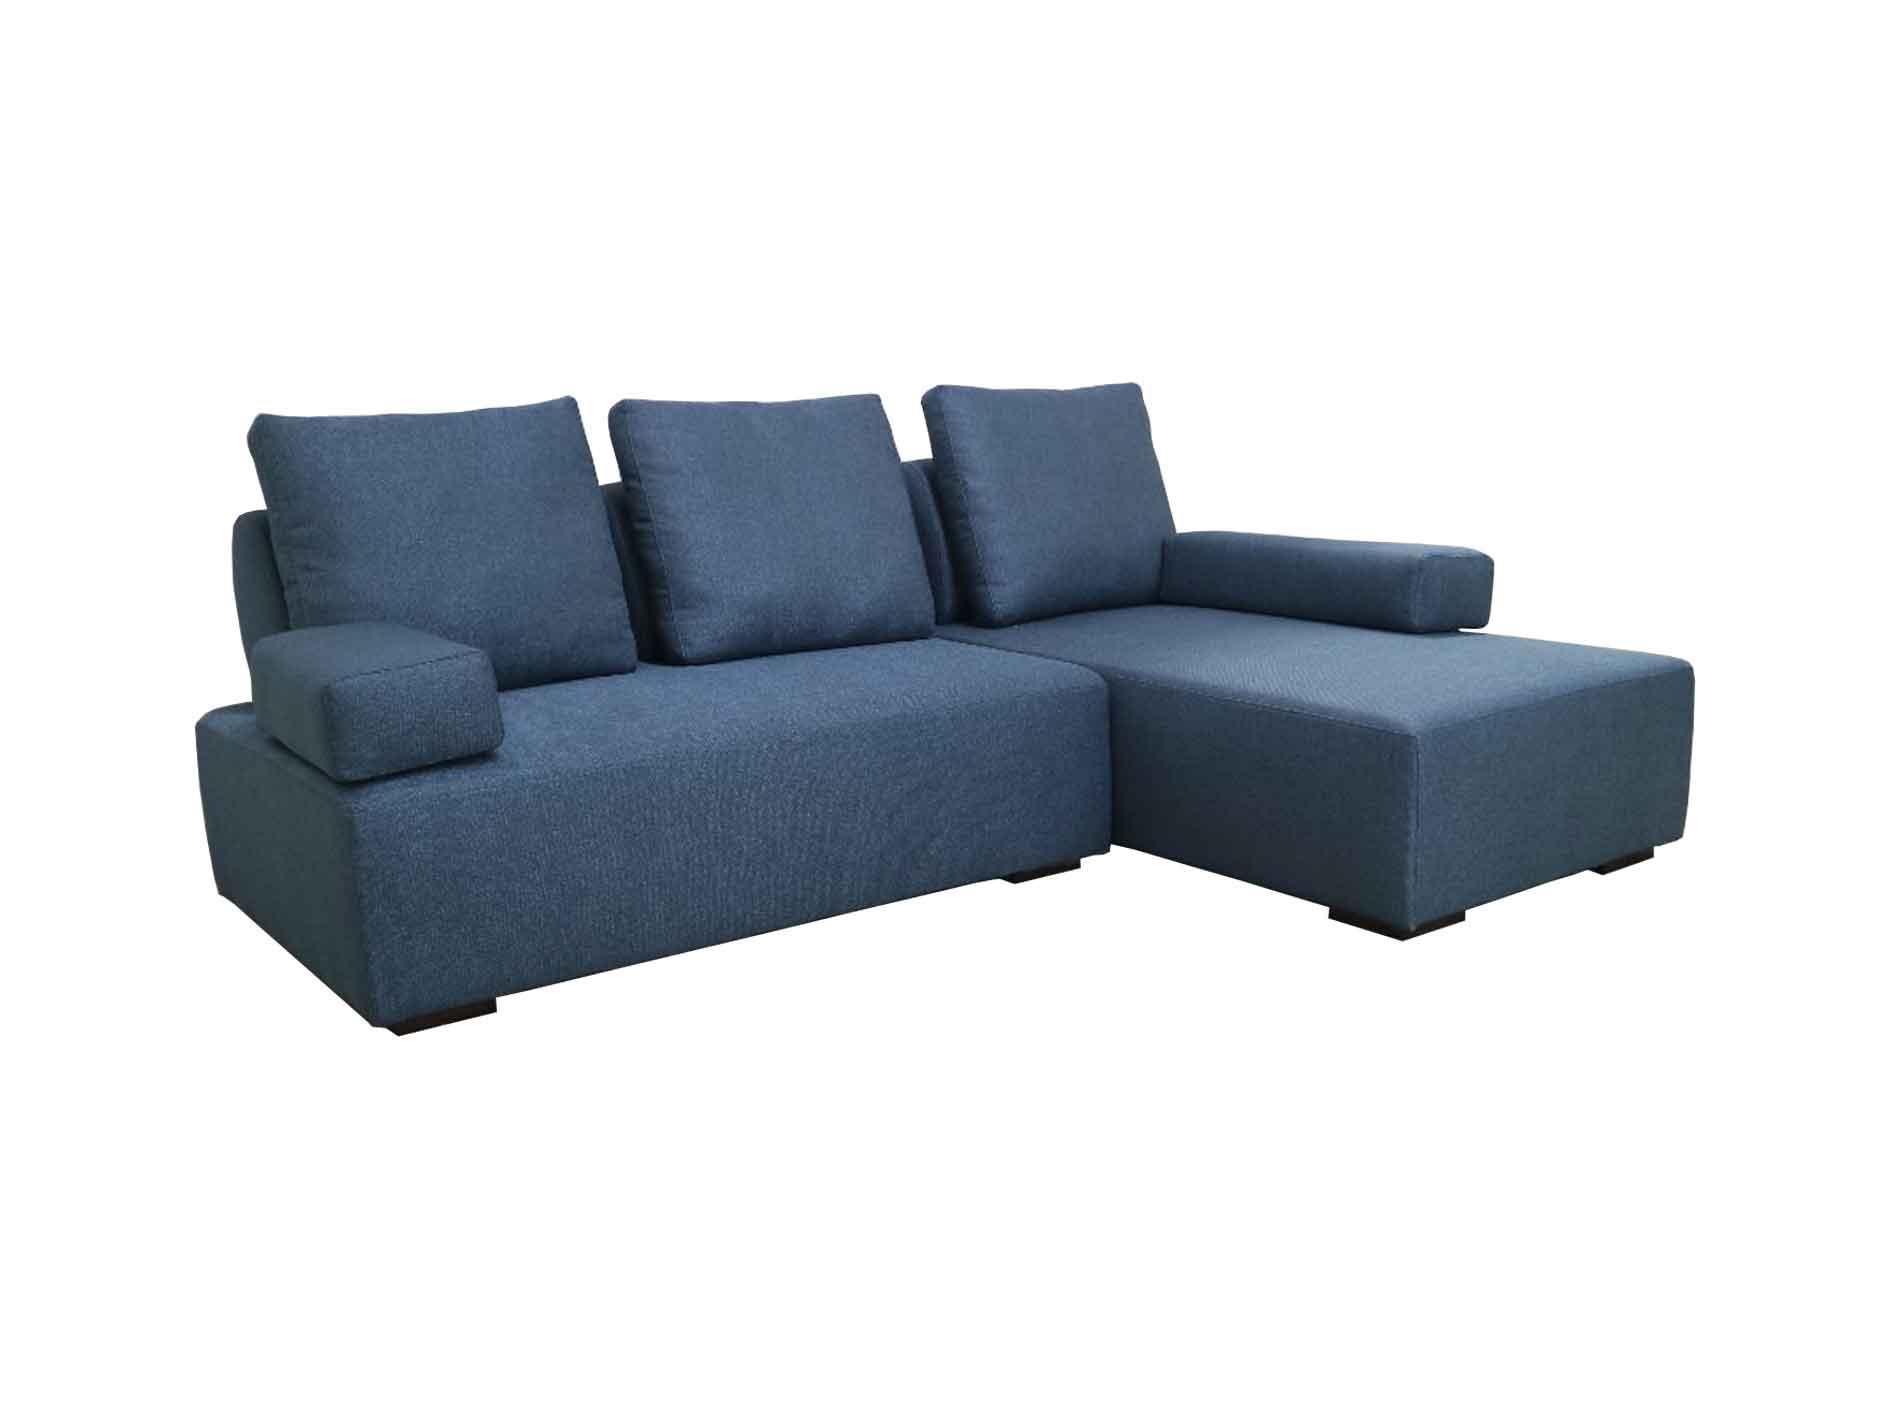 Valerio Designer Italian Fabric Sofa – Volonta – 4 Seater L-shape fabric sofa (2.35M)